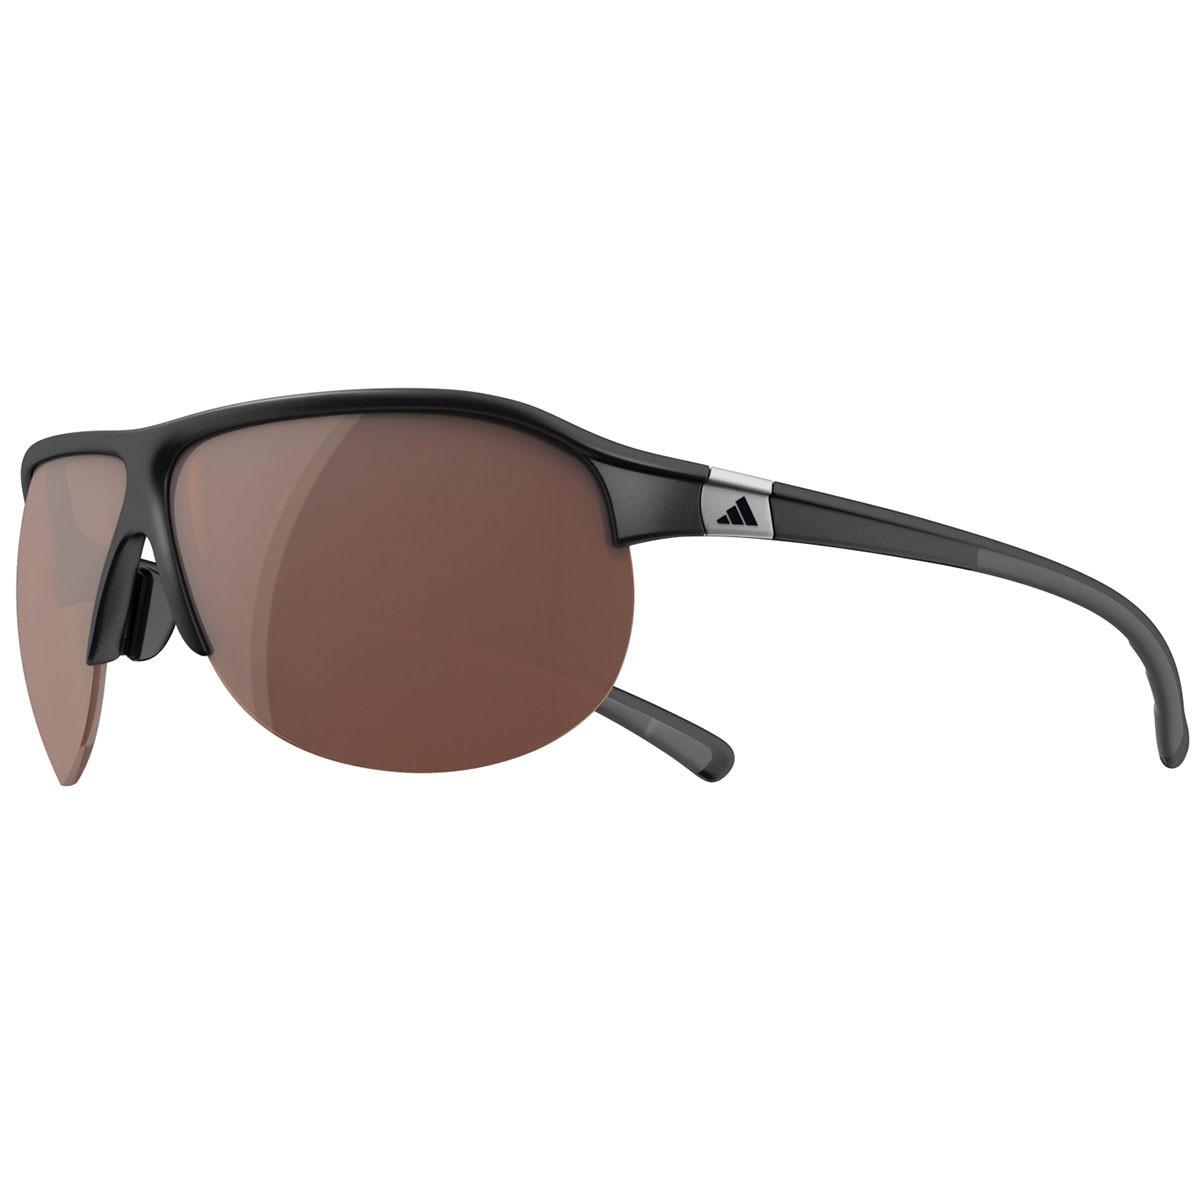 Adidas Sunglasses A123 | CINEMAS 93